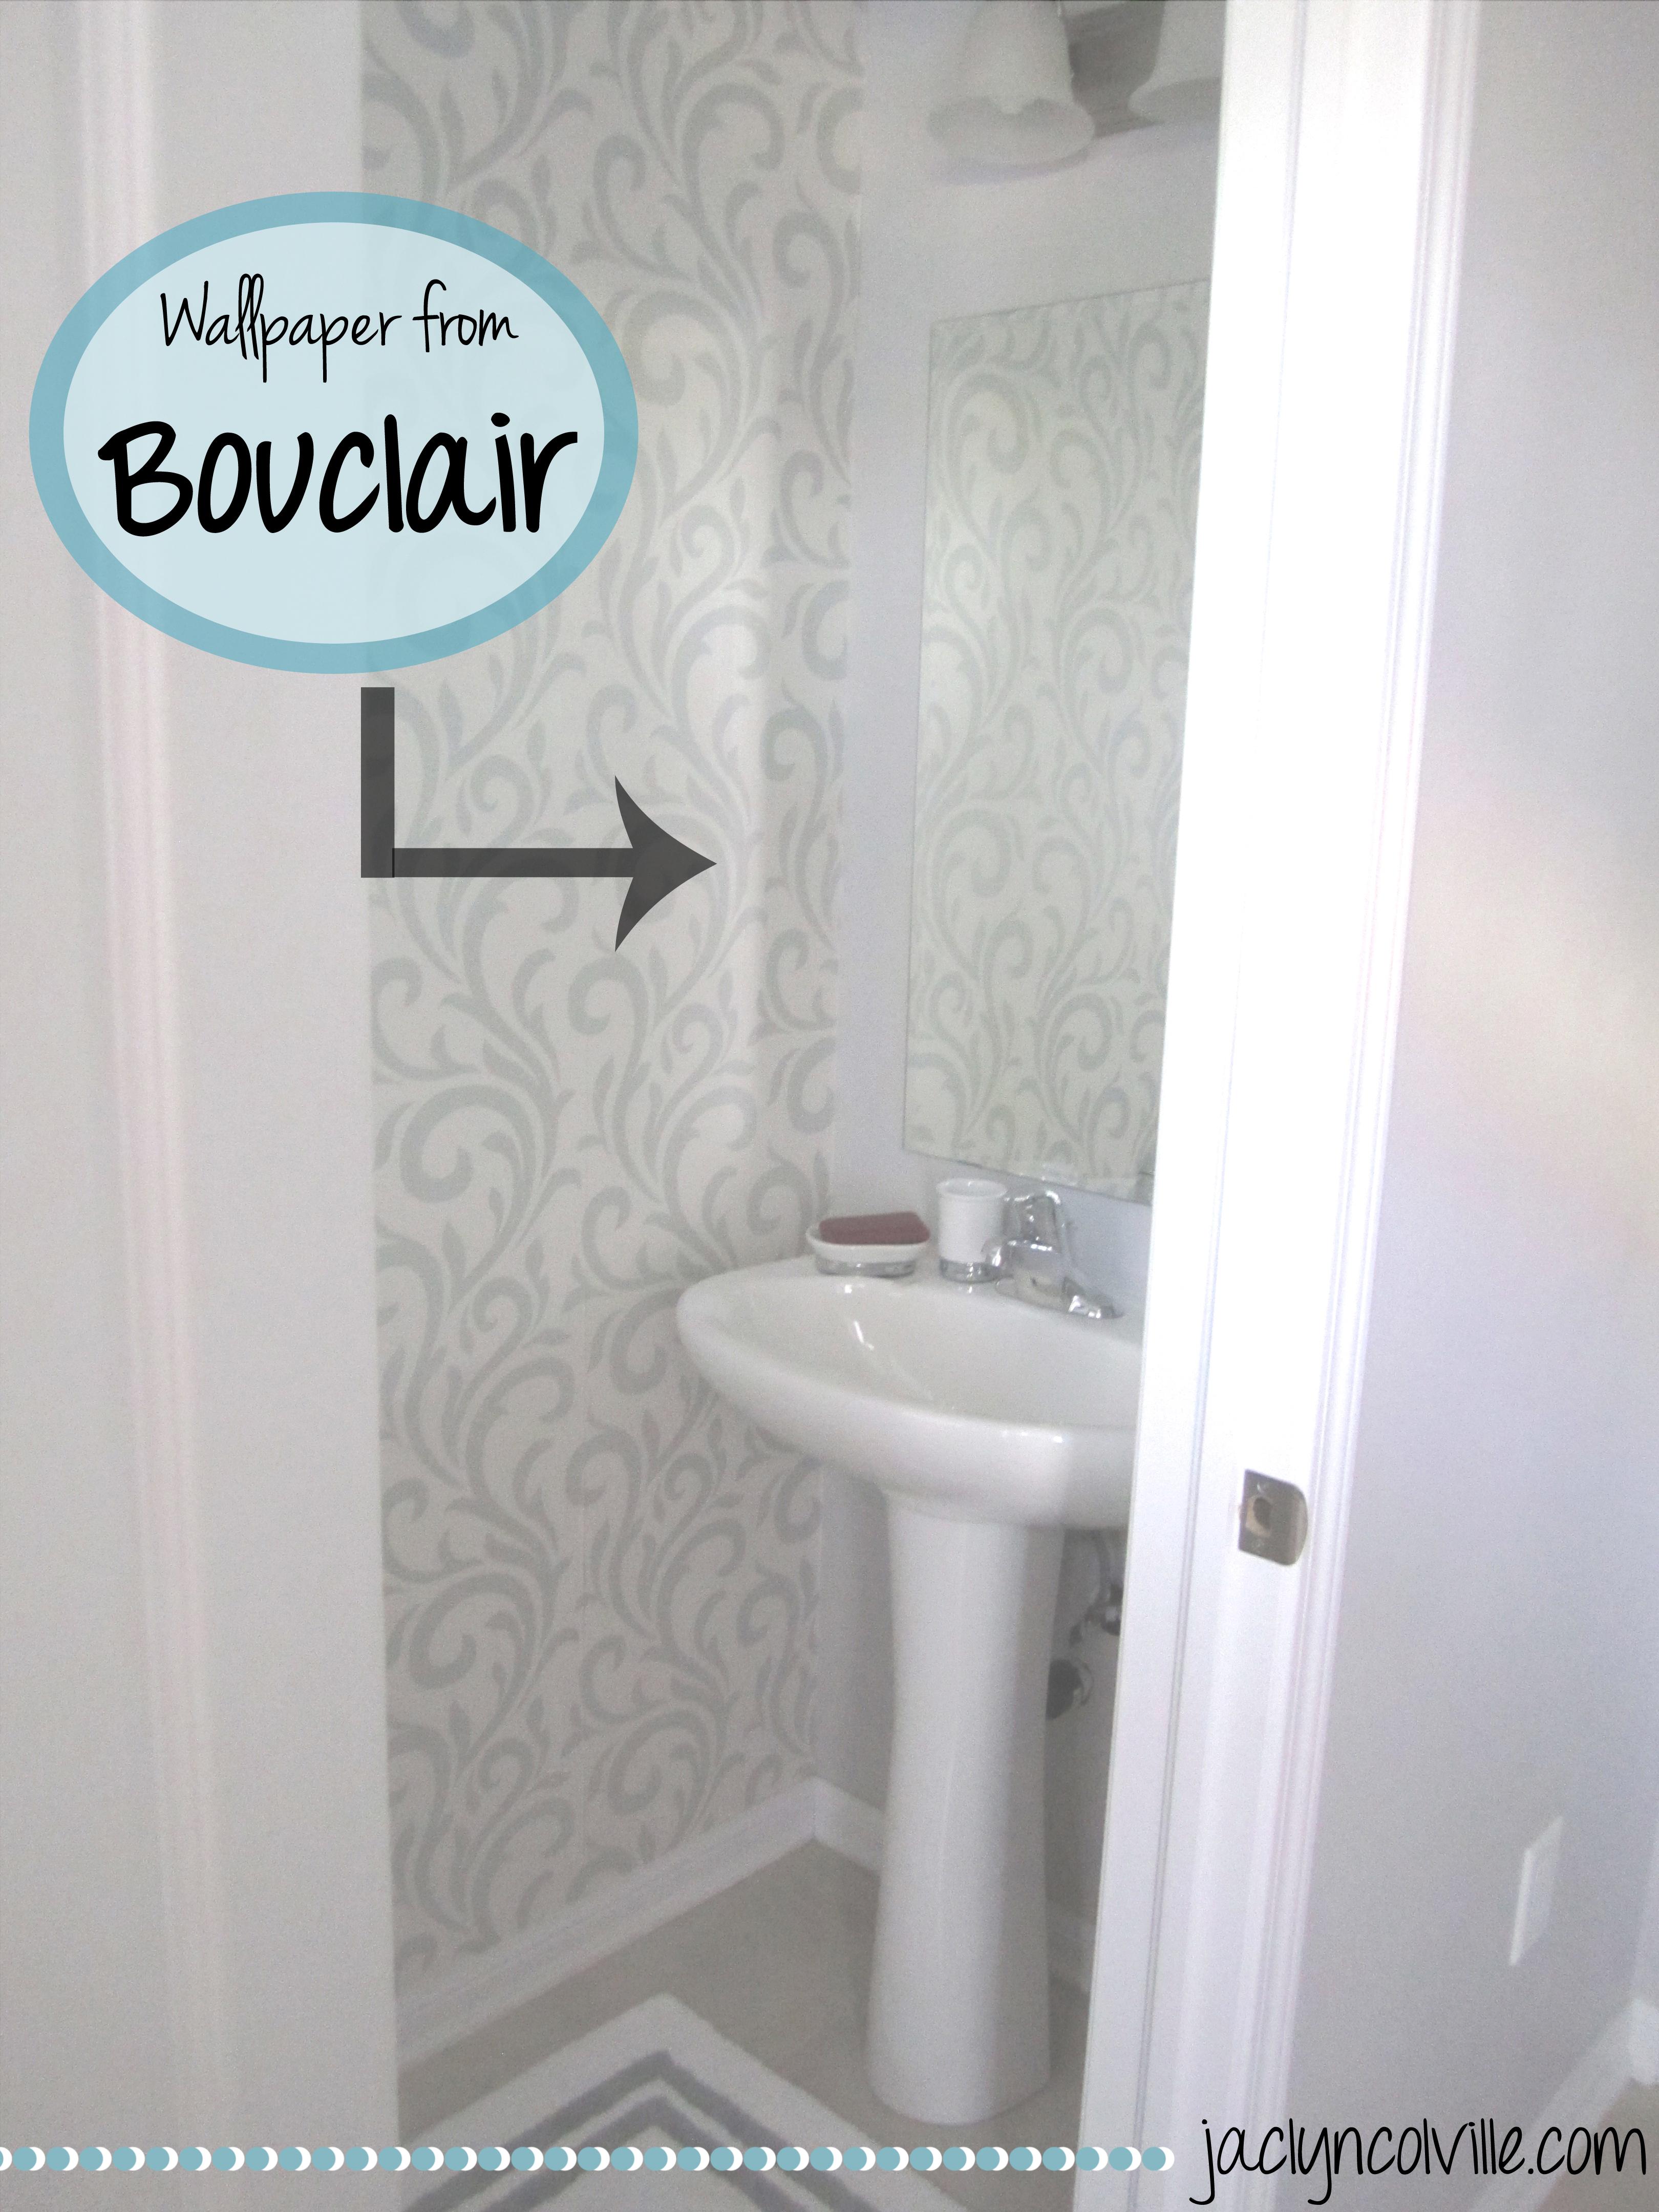 Bouclair Wallpaper JACLYN COLVILLEcom 3240x4320